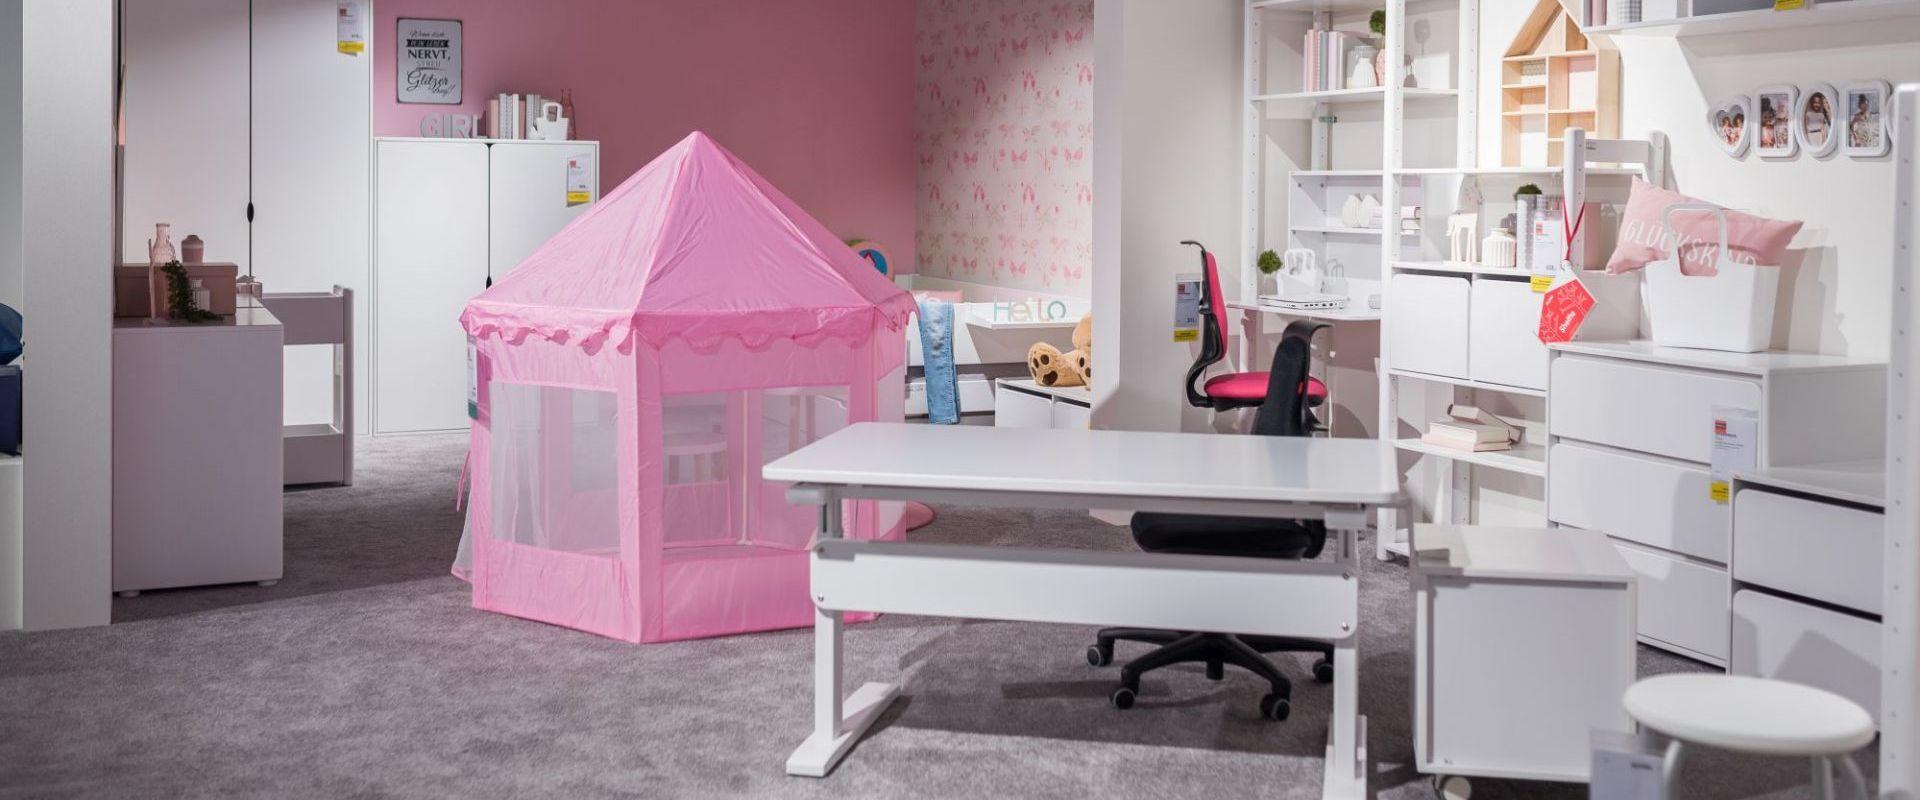 coole m bel f r coole kids. Black Bedroom Furniture Sets. Home Design Ideas